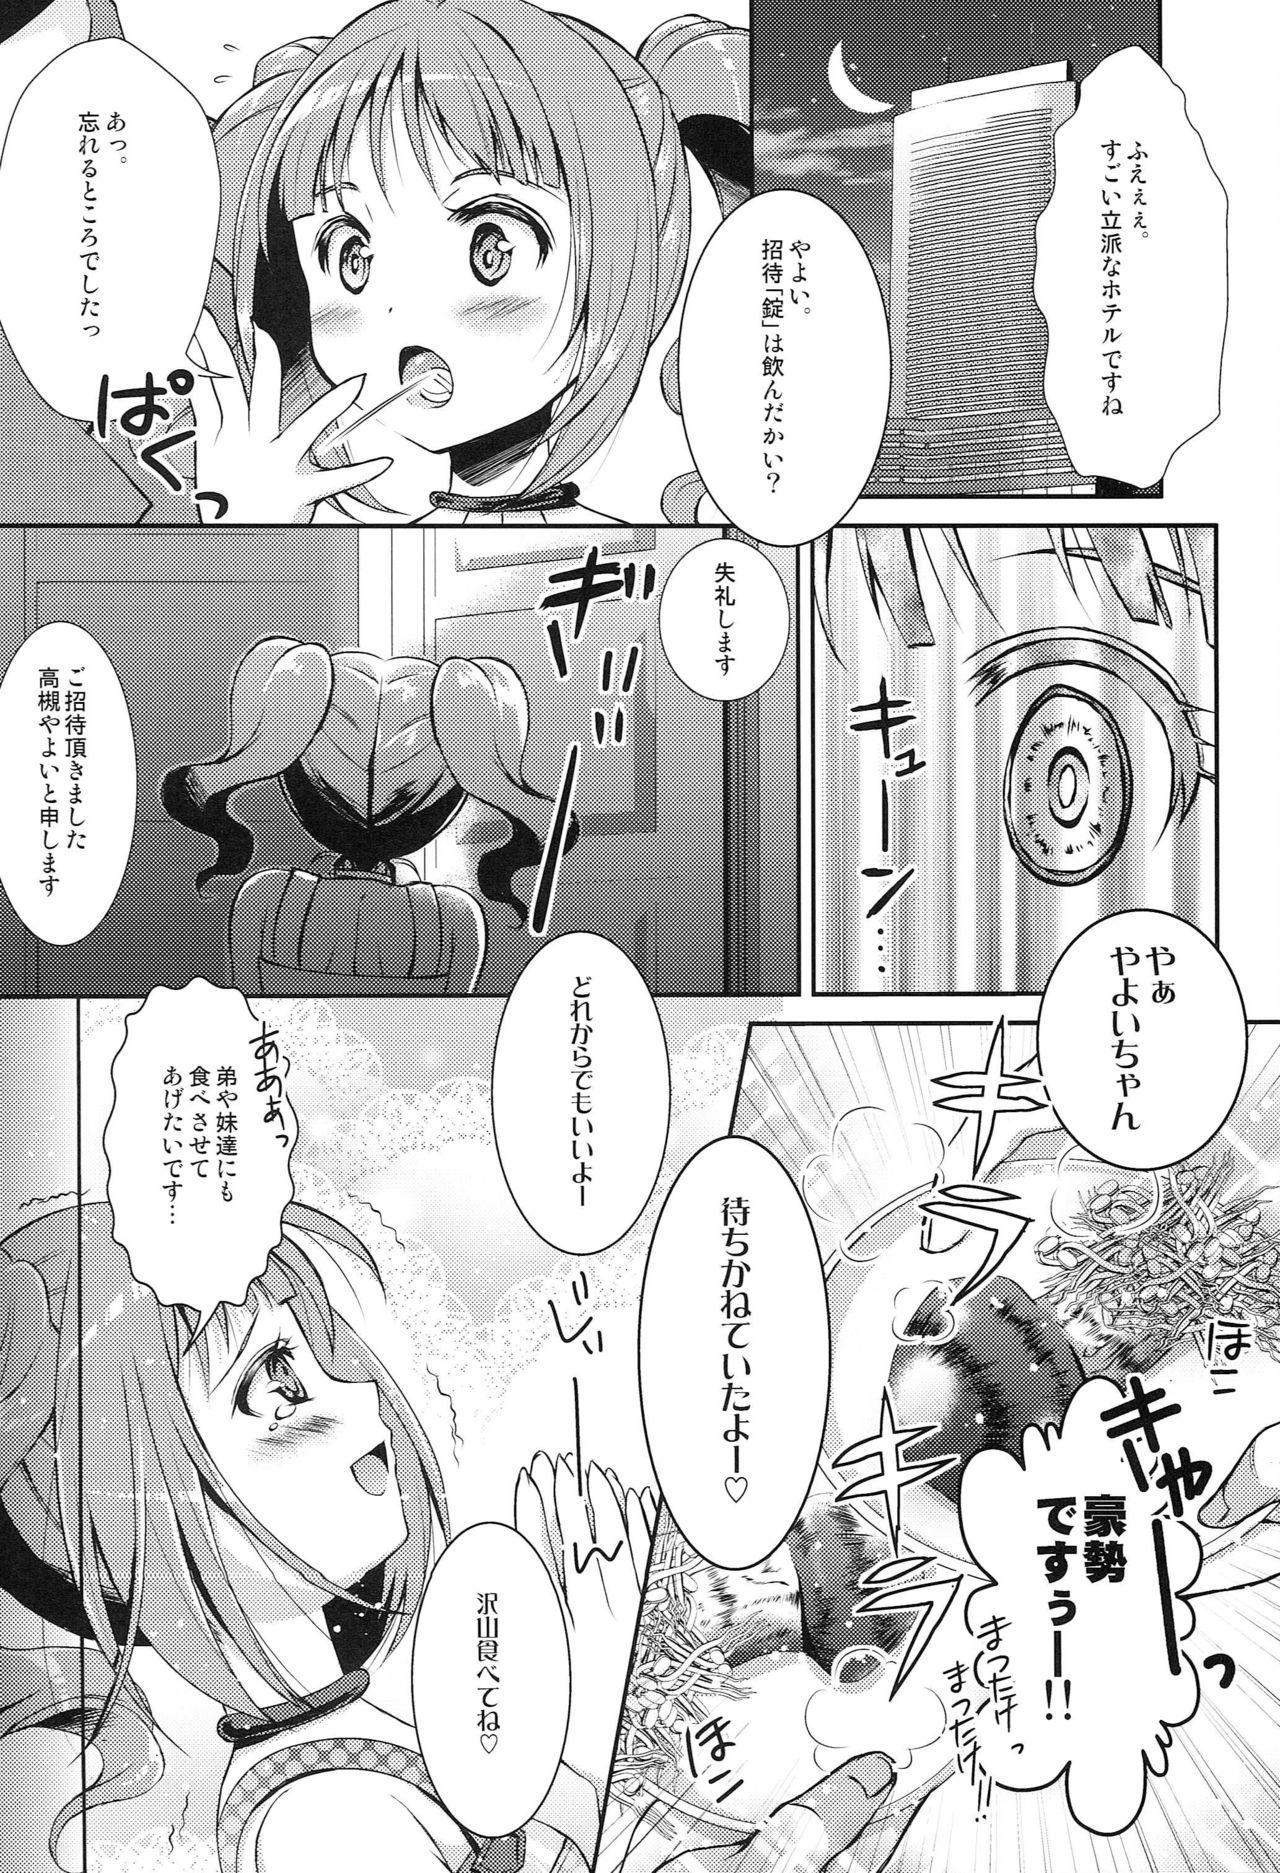 P-san! Sonnani Watashitachi Ijimete Tanoshii n Desuka 22